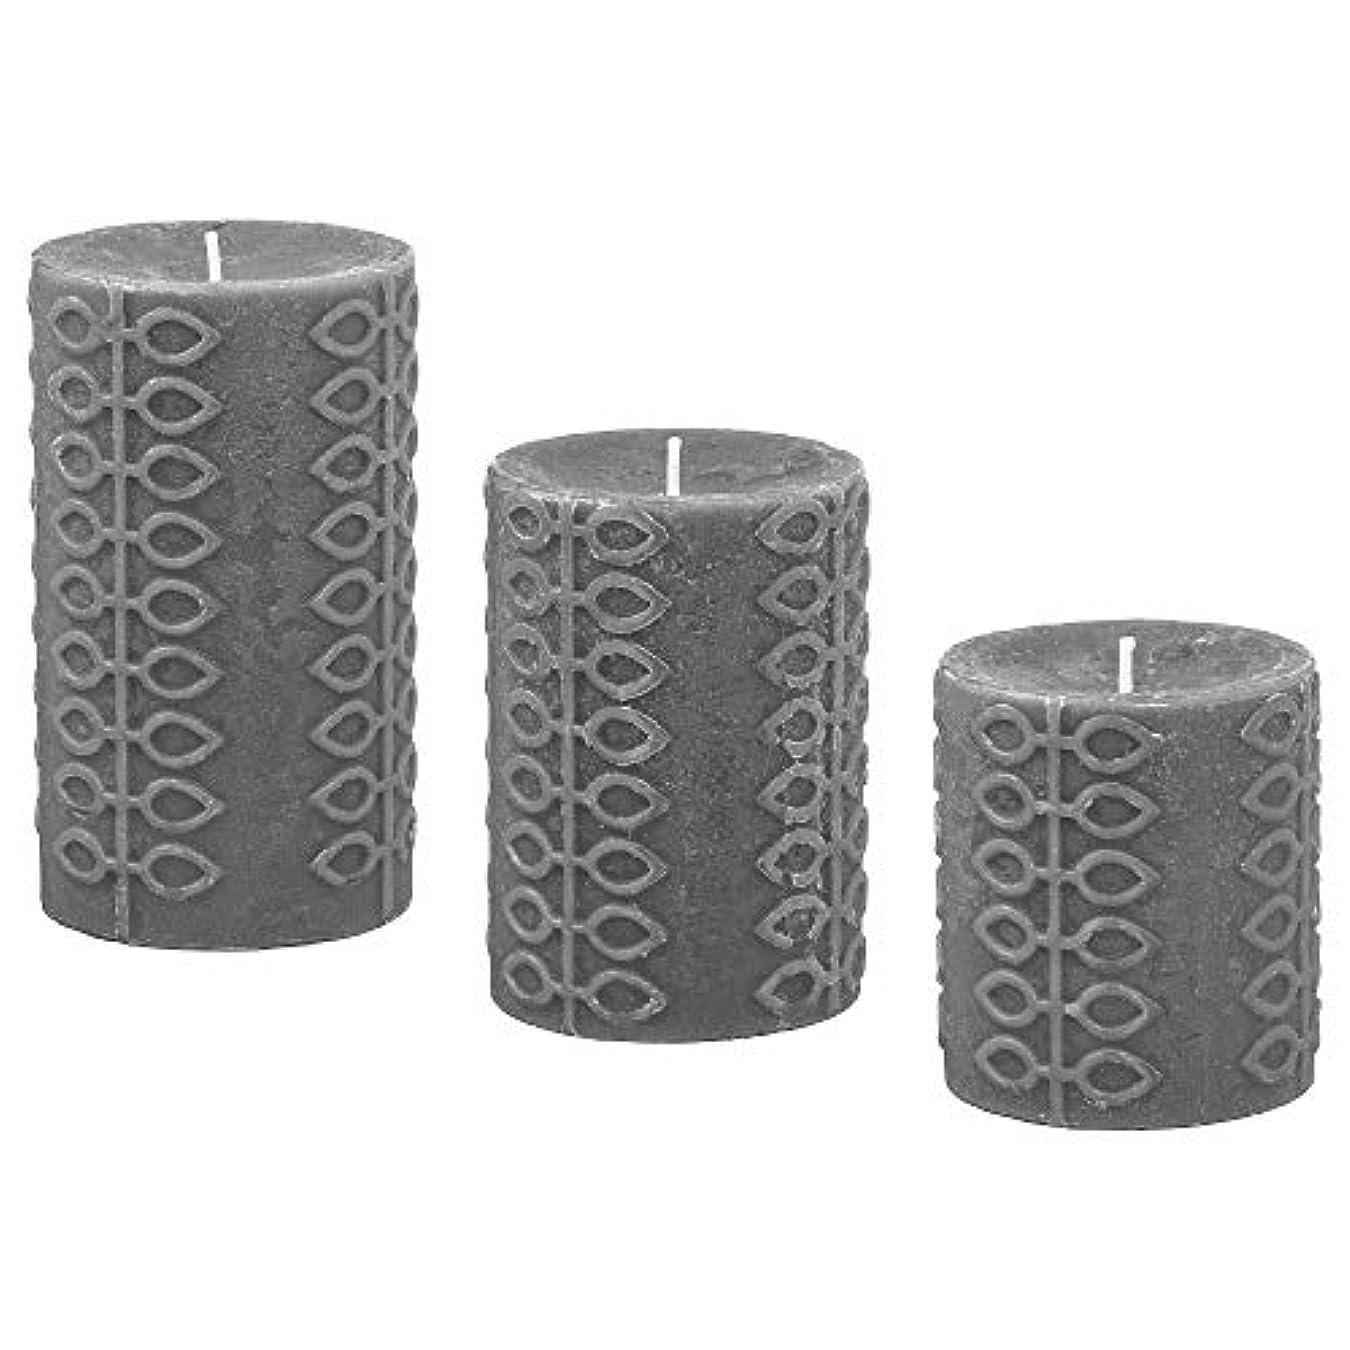 教育学コットン美人IKEA/イケア NJUTNING:香り付きブロックキャンドル3個セット 花開くベルガモット/グレー(303.505.15)